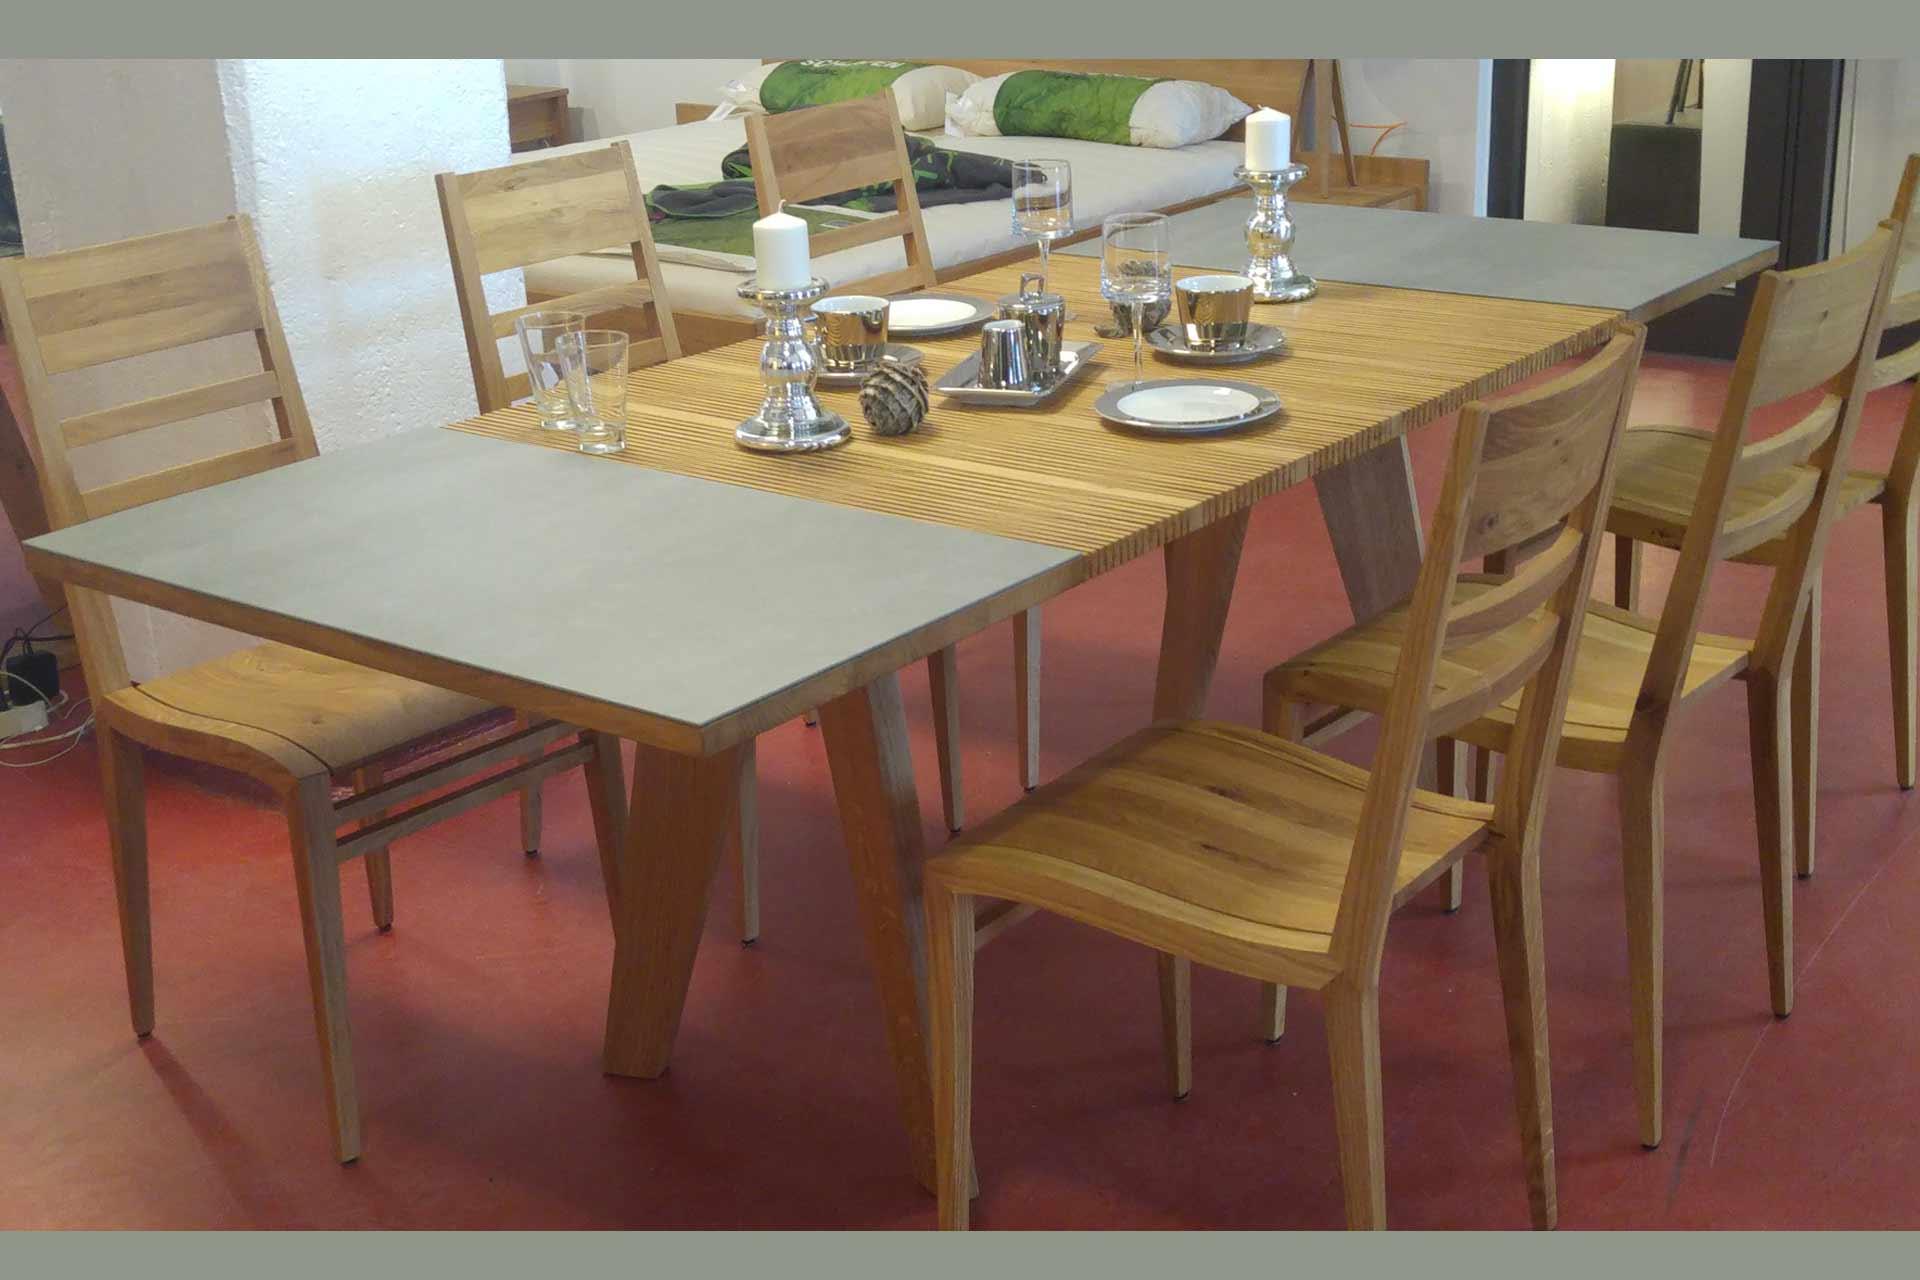 Holztisch mit Scherengitterauszug und Keramikplatten